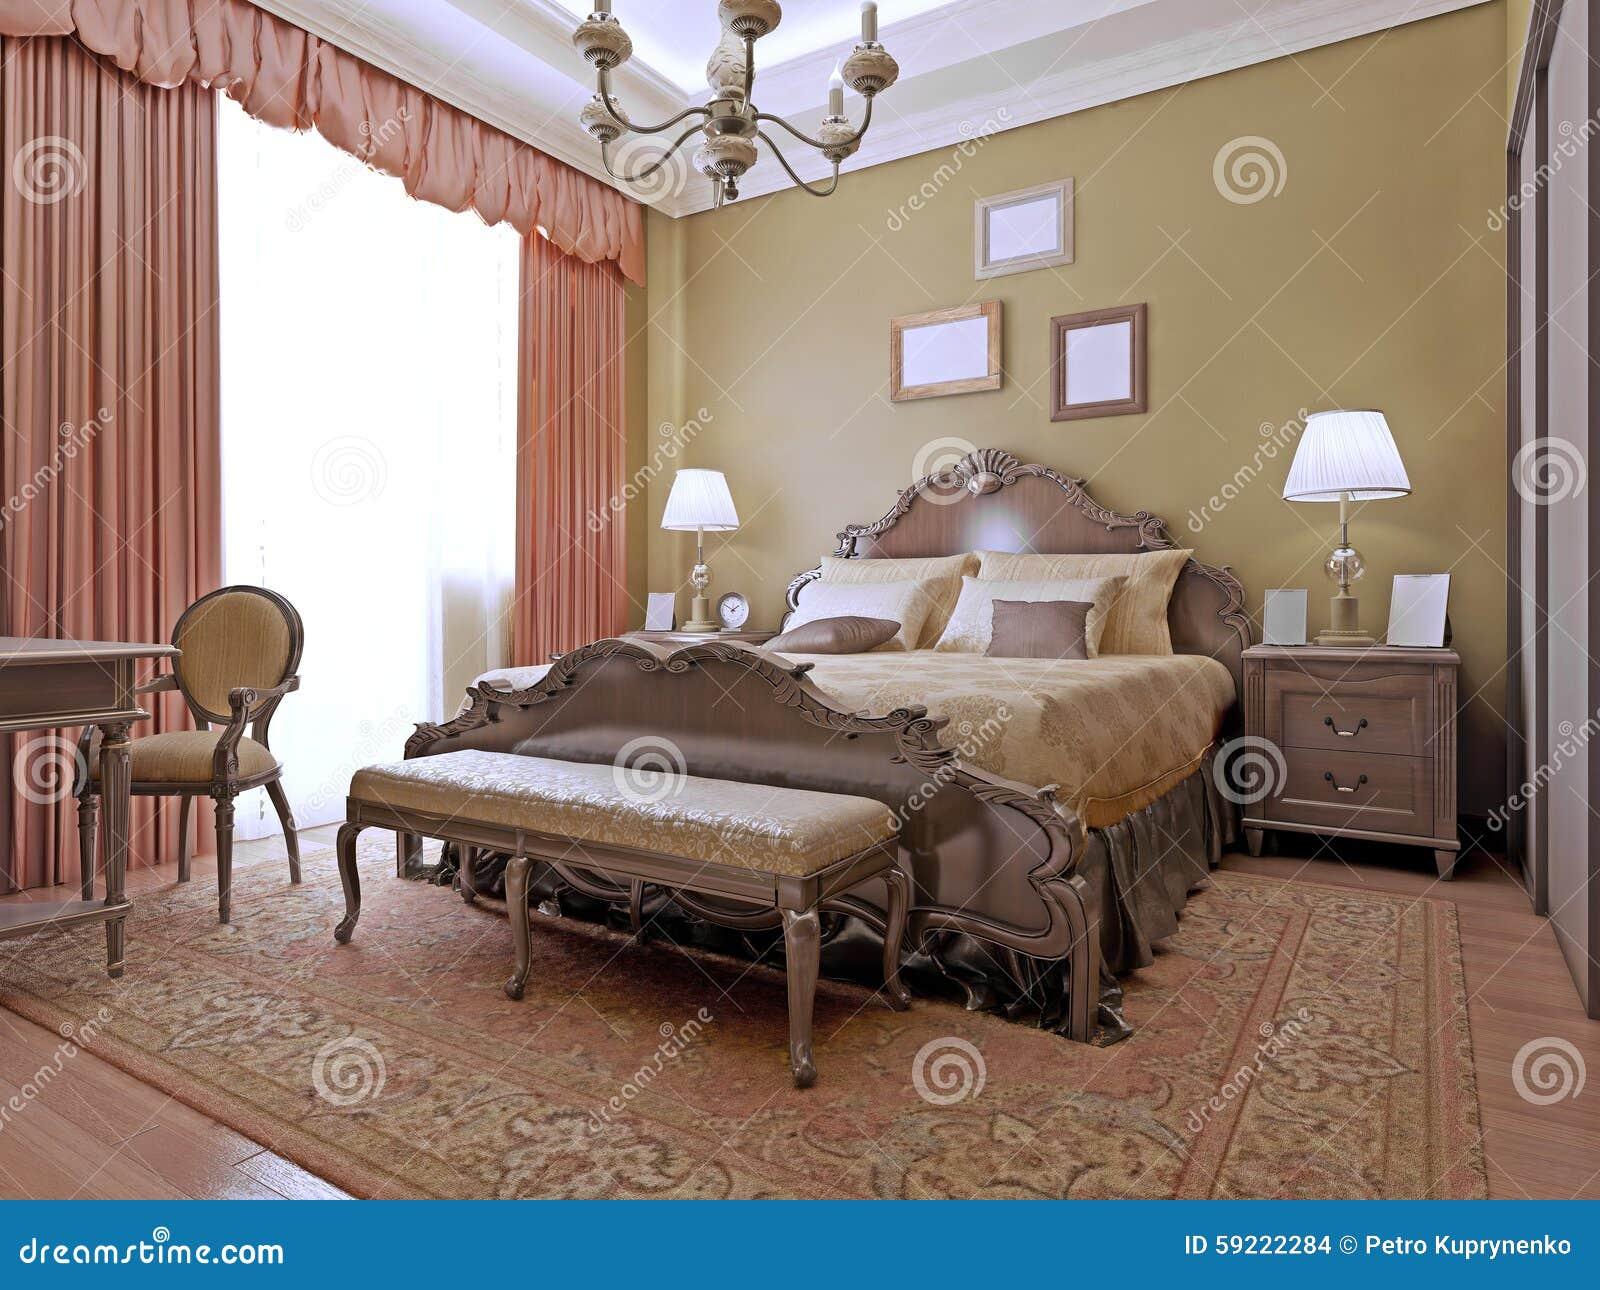 Stile costoso di art deco della camera da letto fotografia stock immagine di arte portelli - I segreti della camera da letto ...